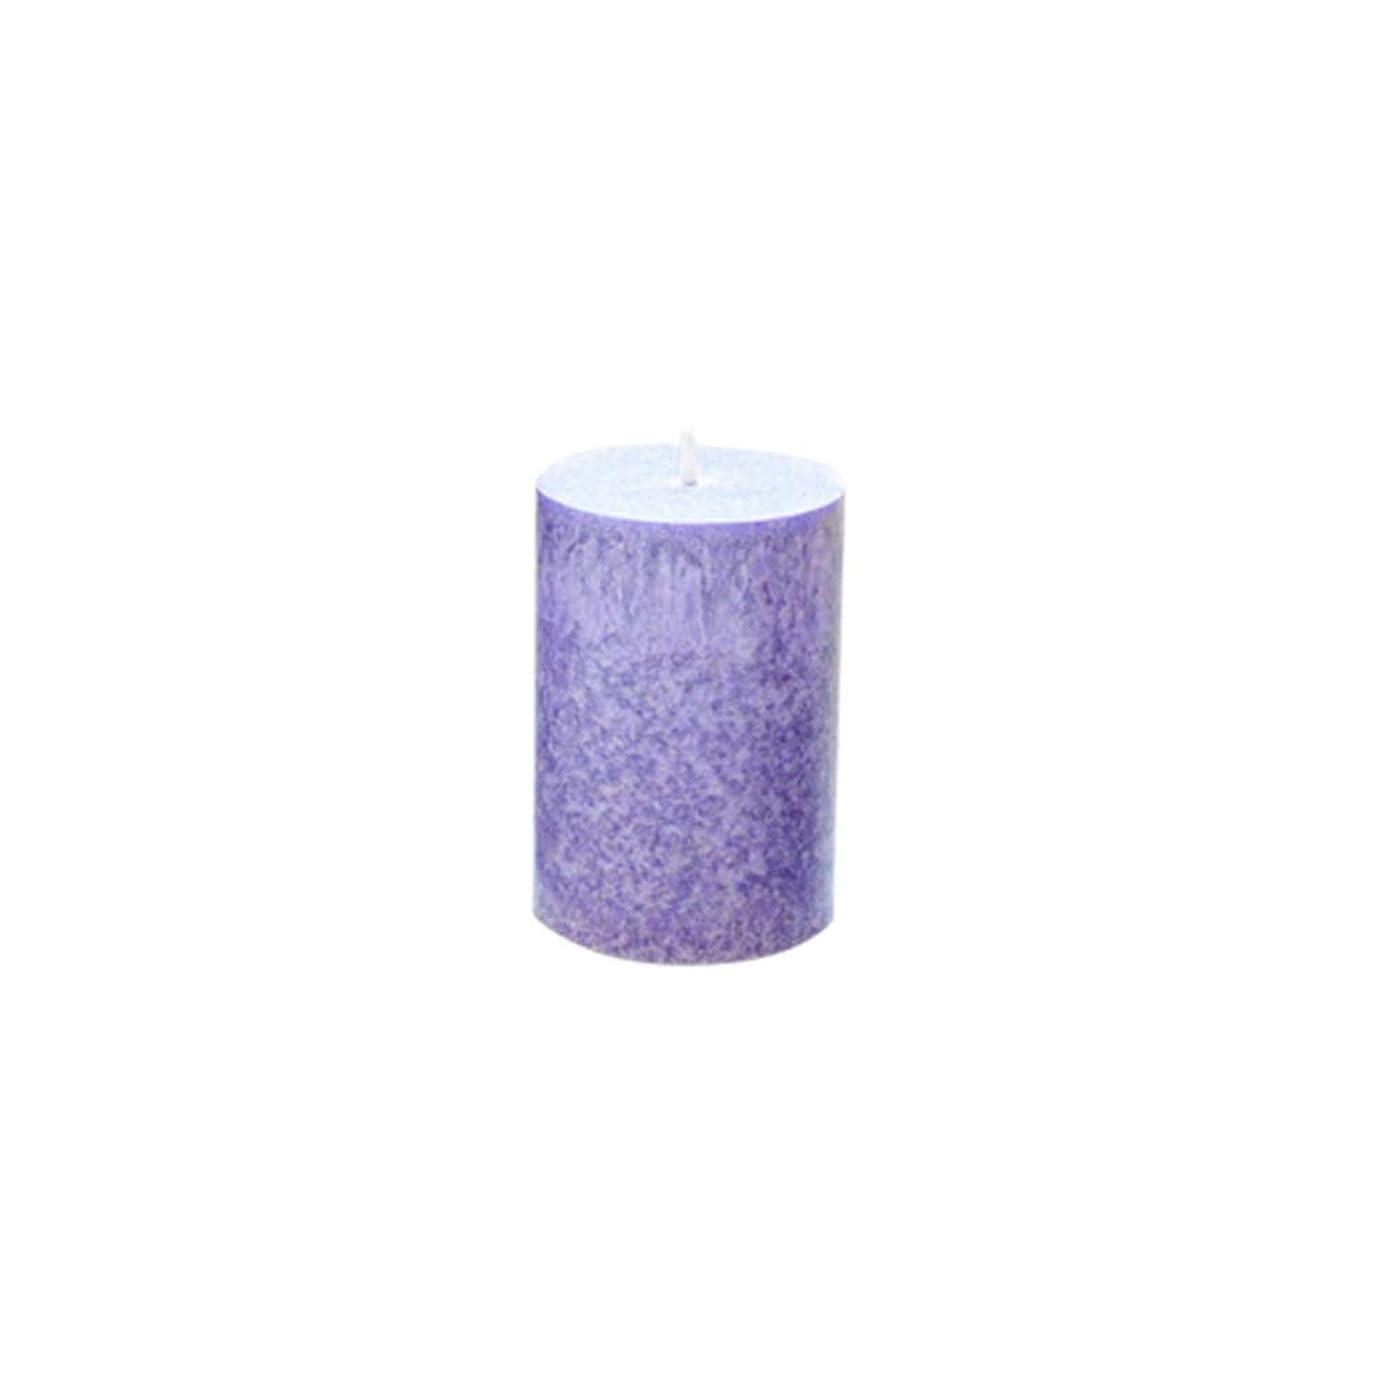 ペルセウス頑丈代表団Rakuby 香料入り 蝋燭 ロマンチック 紫色 ラベンダー アロマ療法 柱 蝋燭 祝祭 結婚祝い 無煙蝋燭